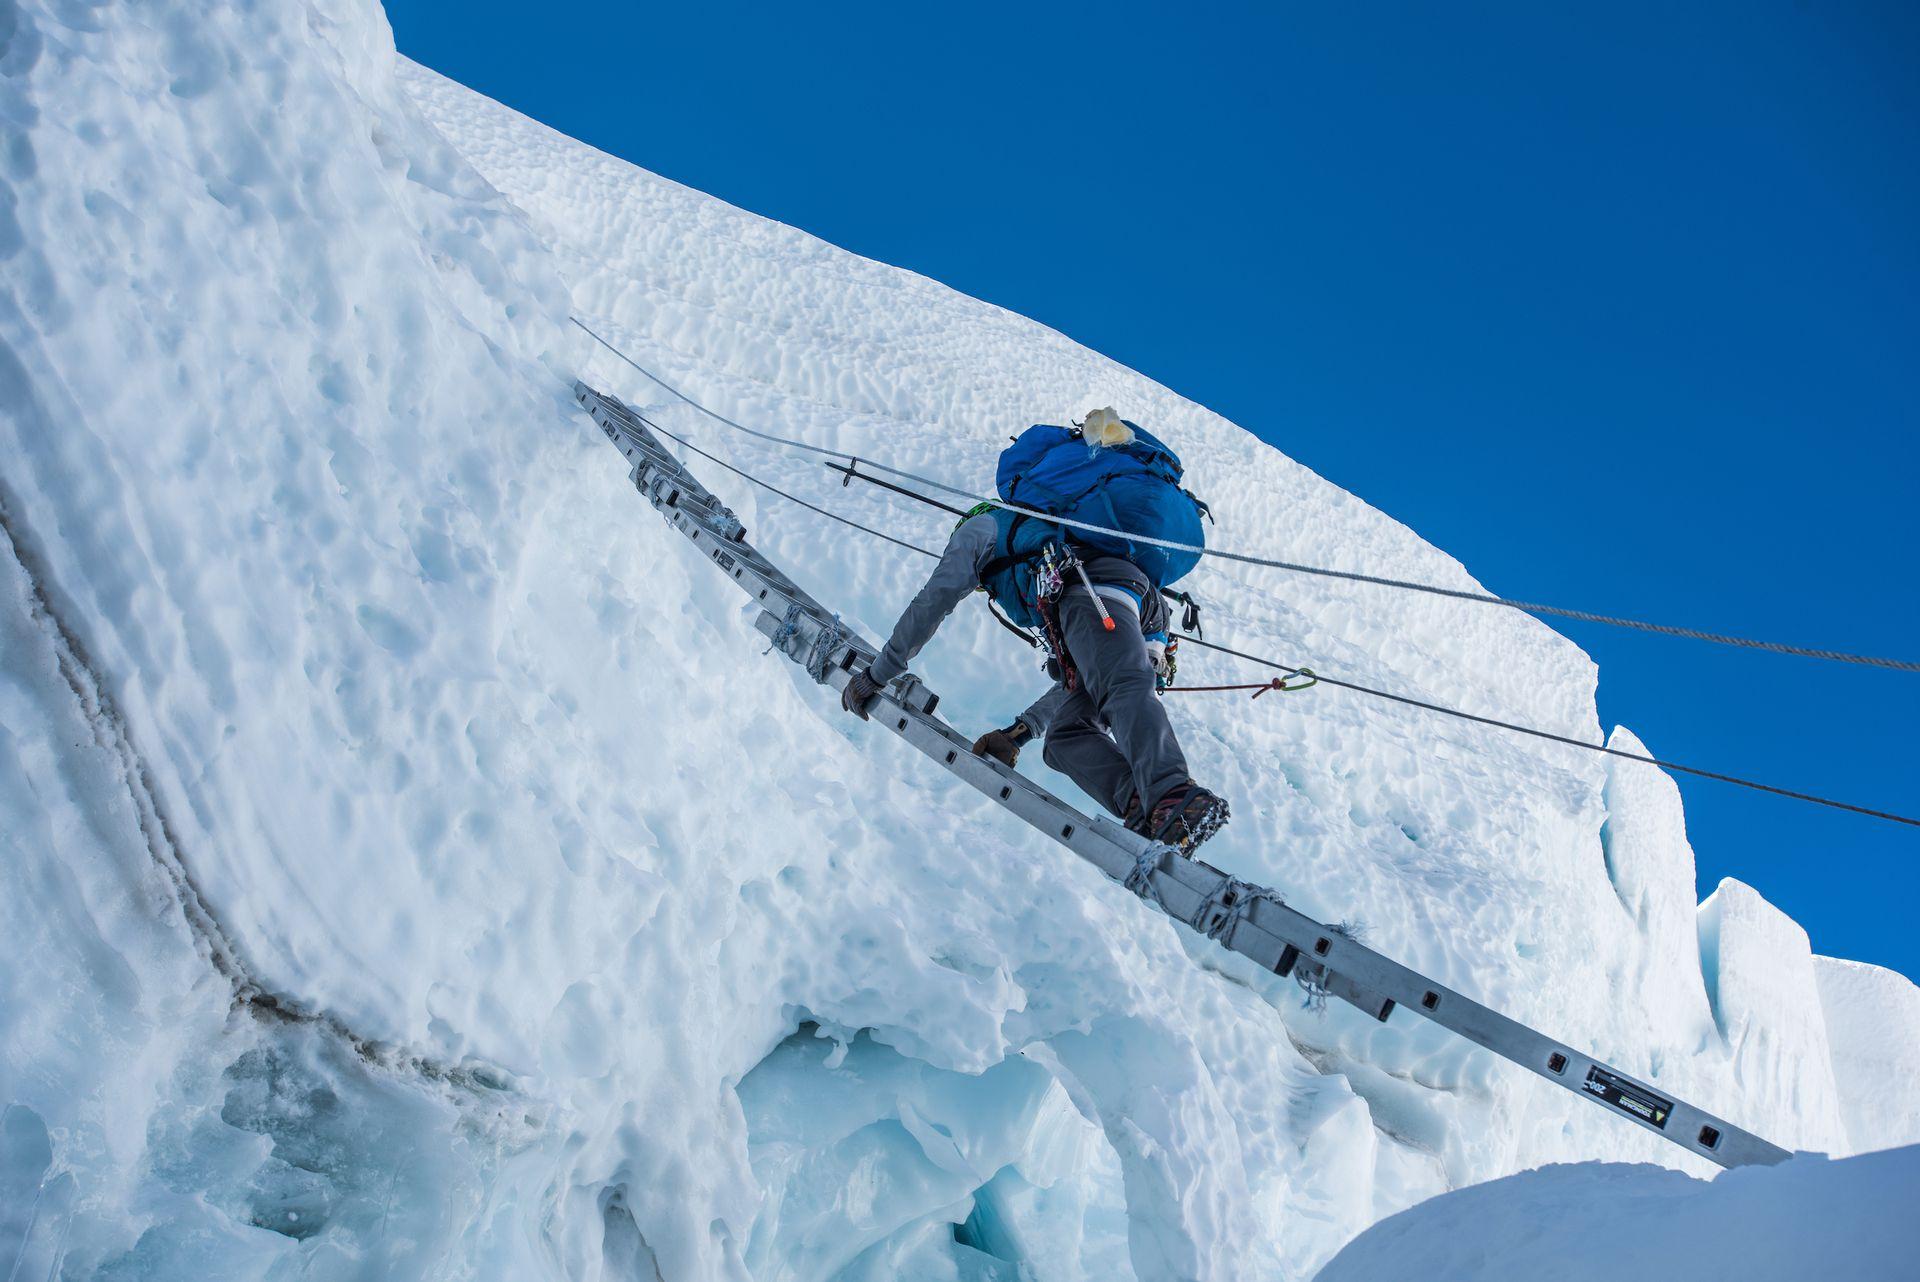 Las duras exigencias para ascender en la cordillera del Himalaya, donde los hermanos Benegas lideraron cerca de 20 expediciones